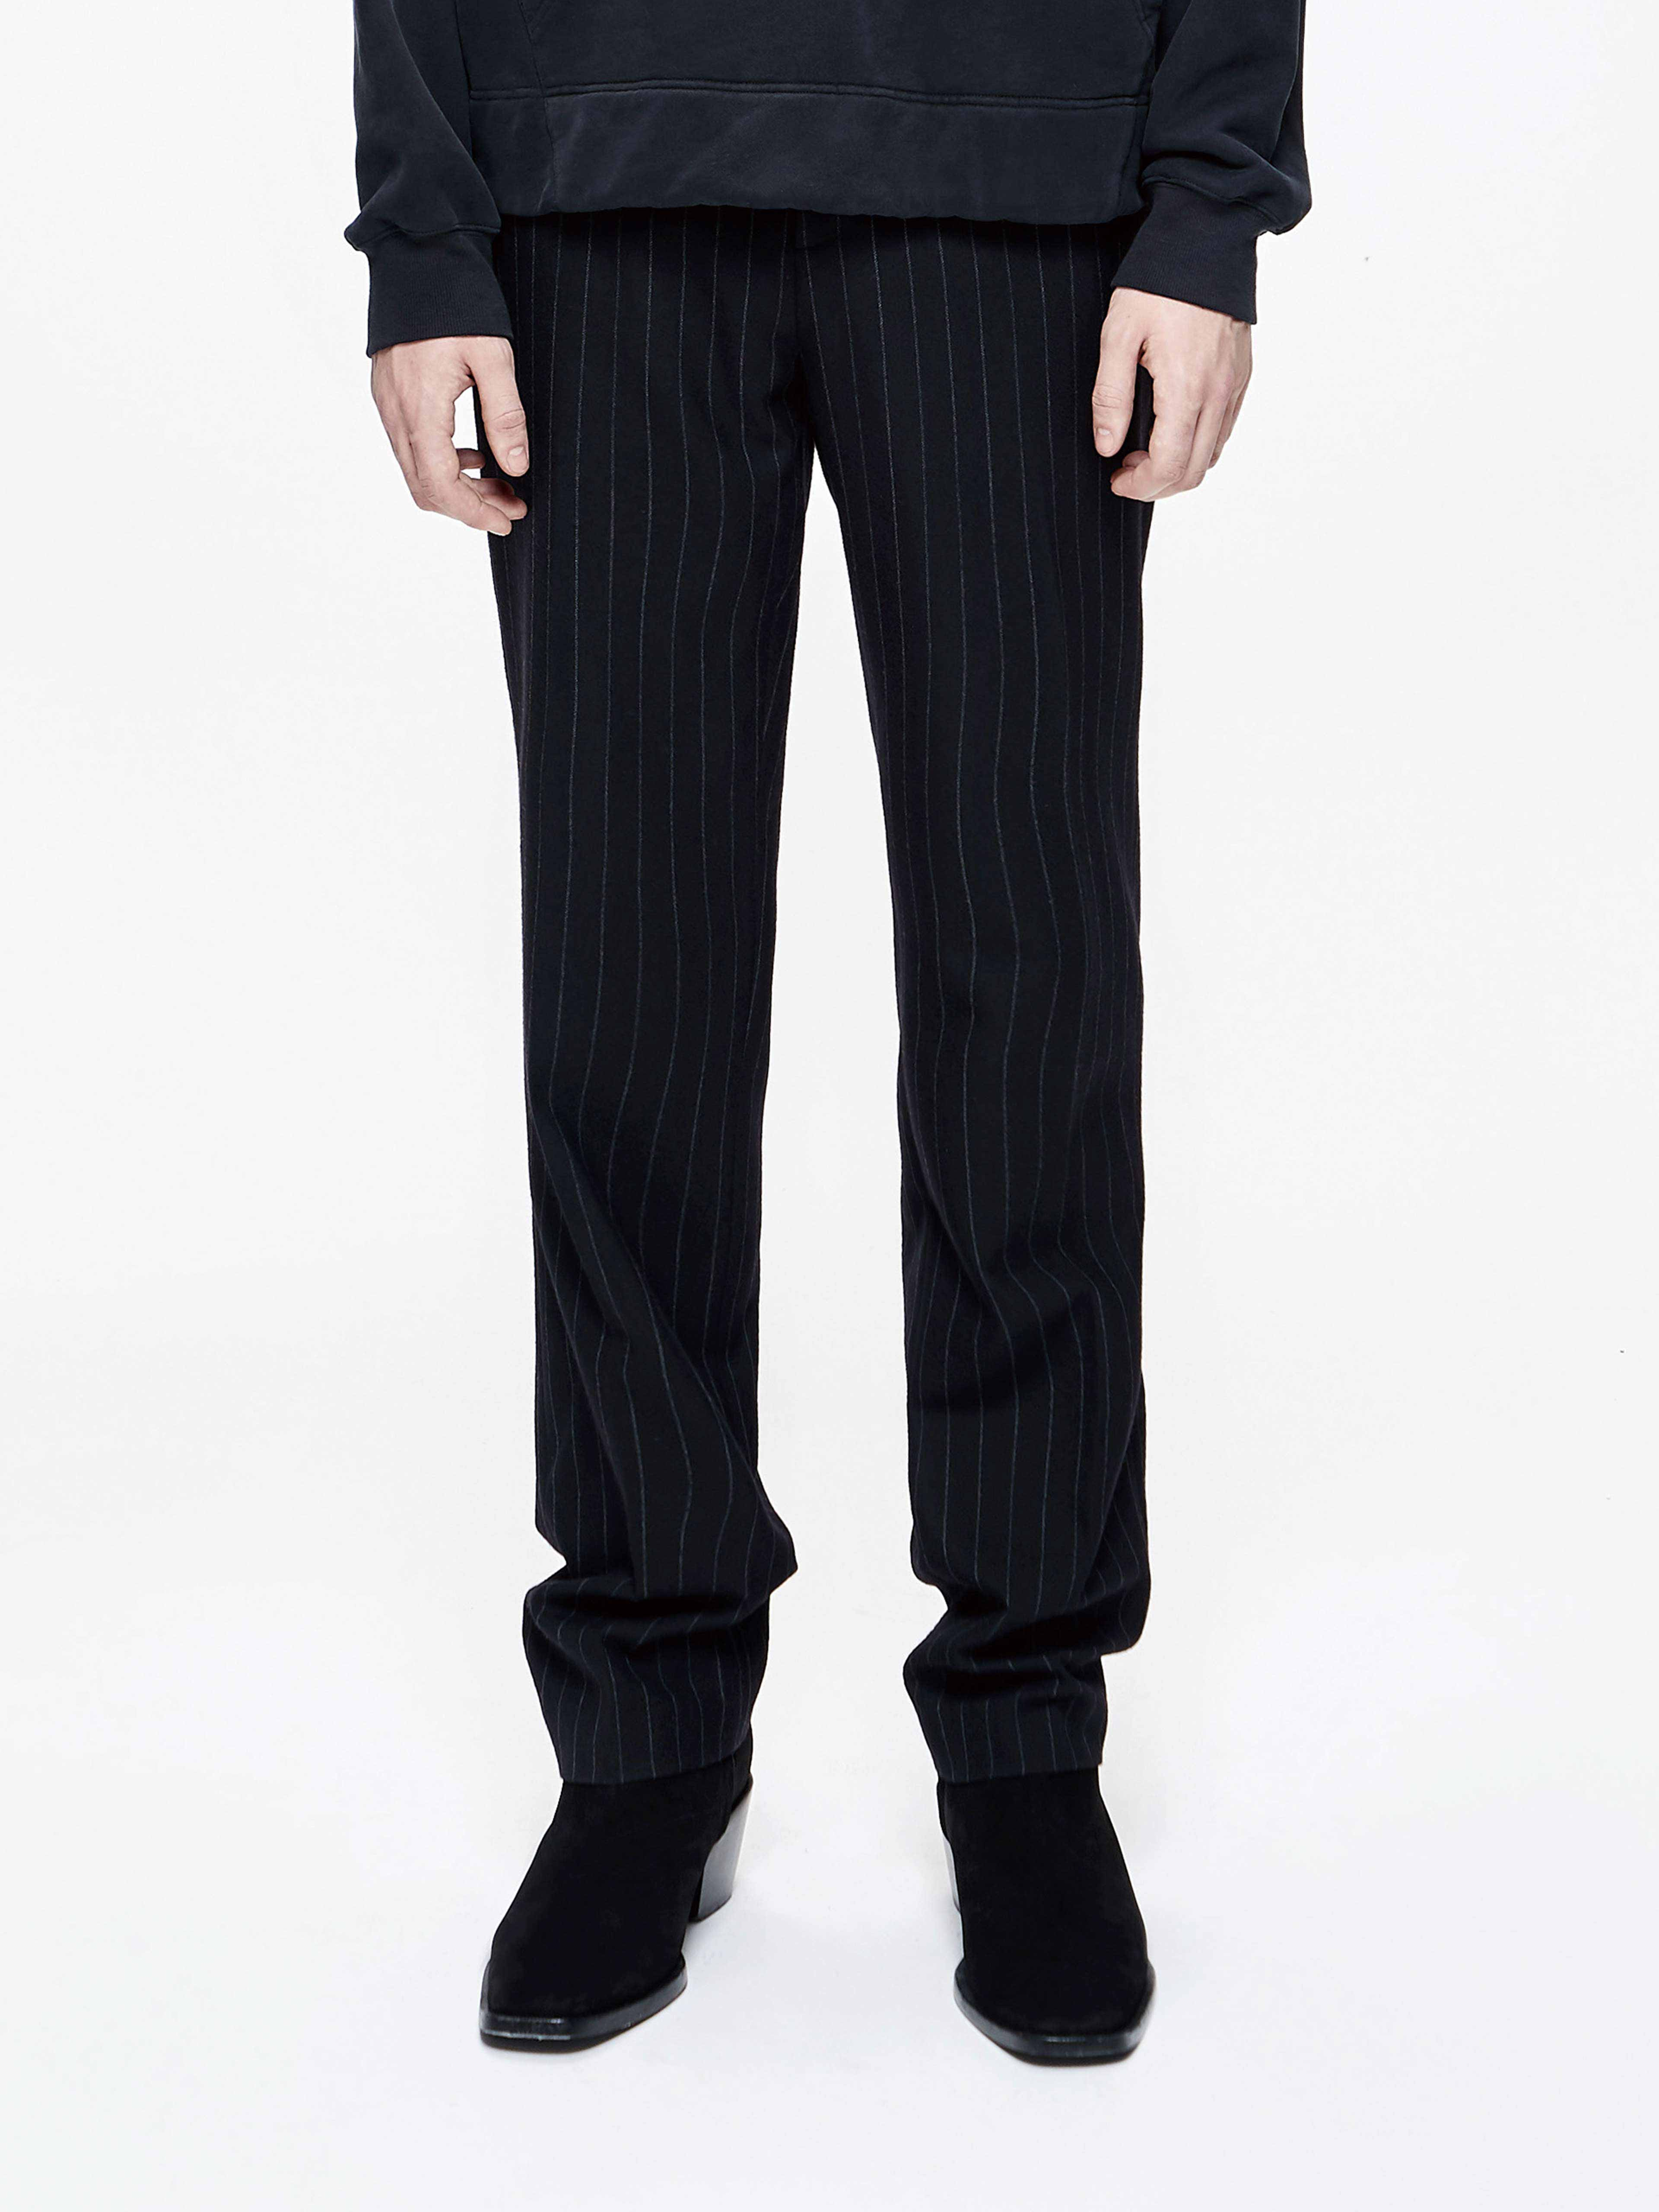 条纹宽直腿西裤